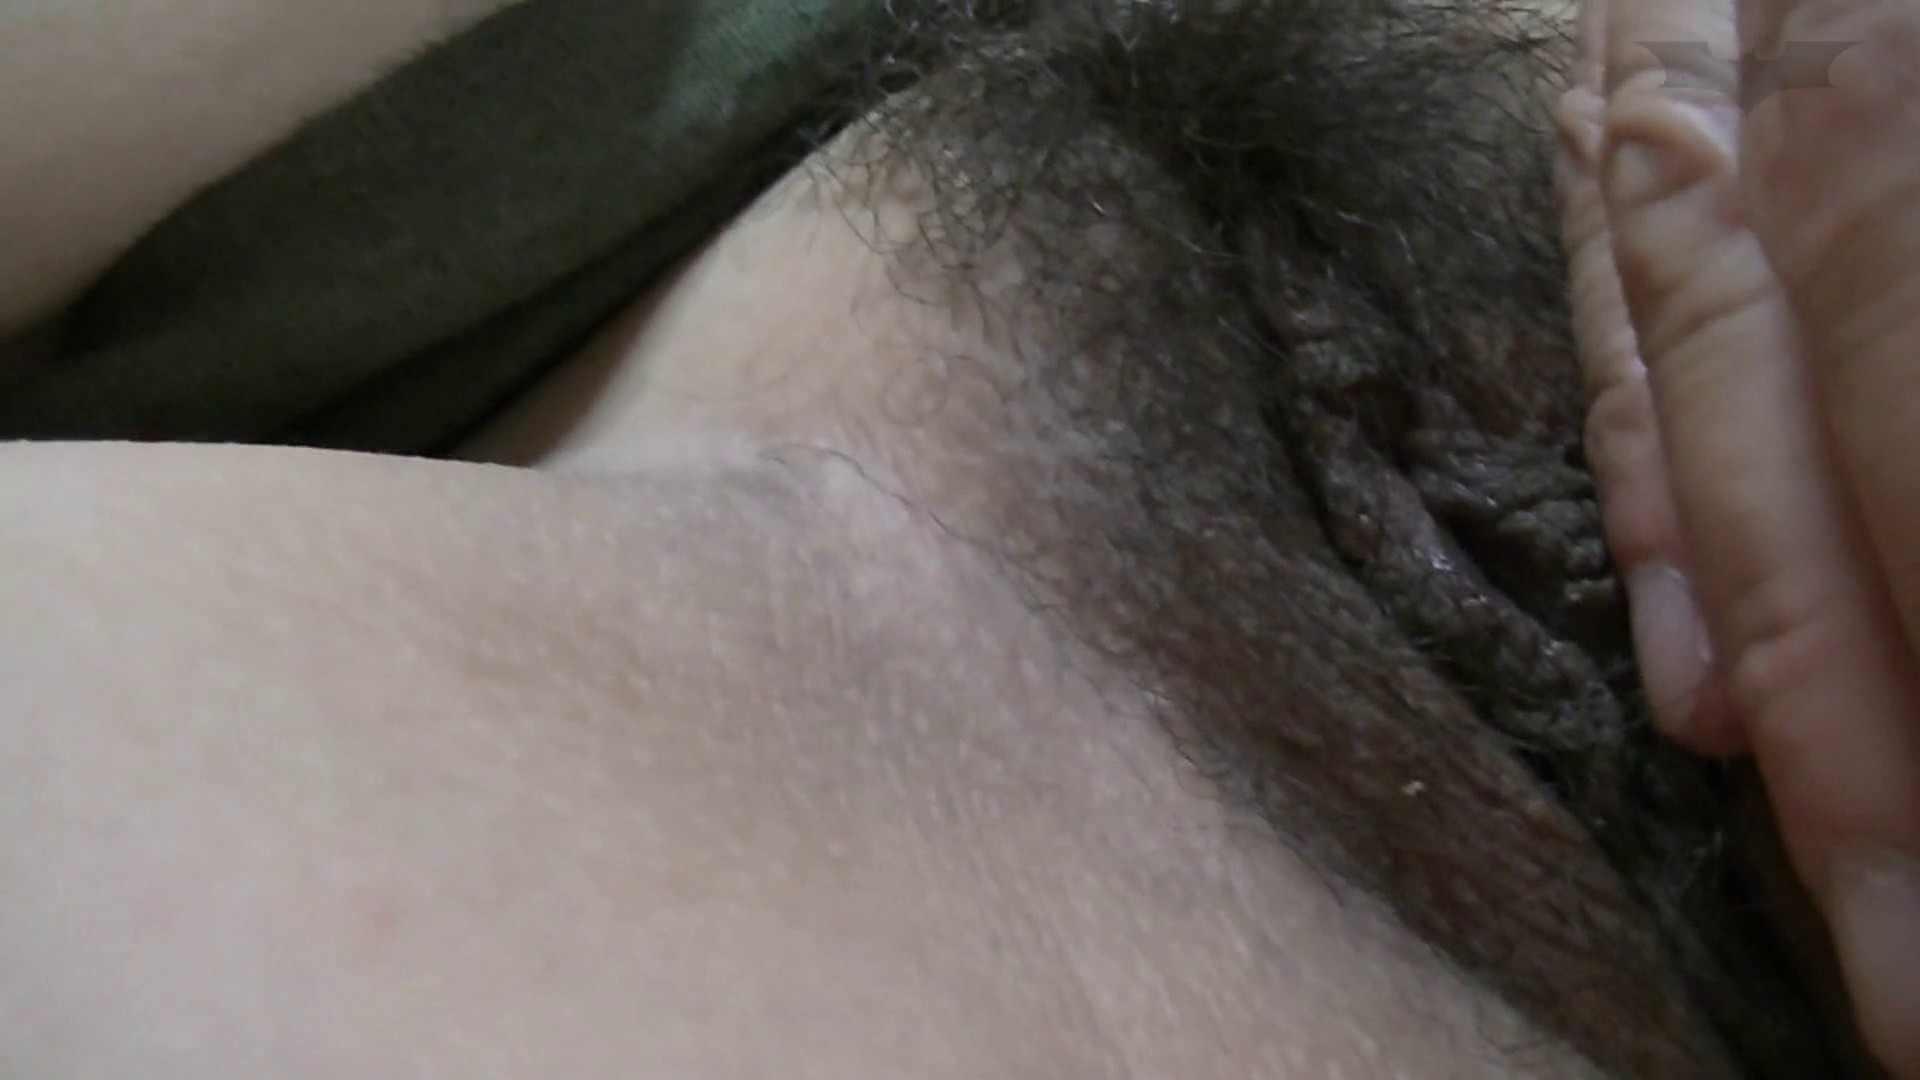 驚異の指入れ! 影 対 美容専門学校生3人組 桃色乳首 オメコ無修正動画無料 94枚 69